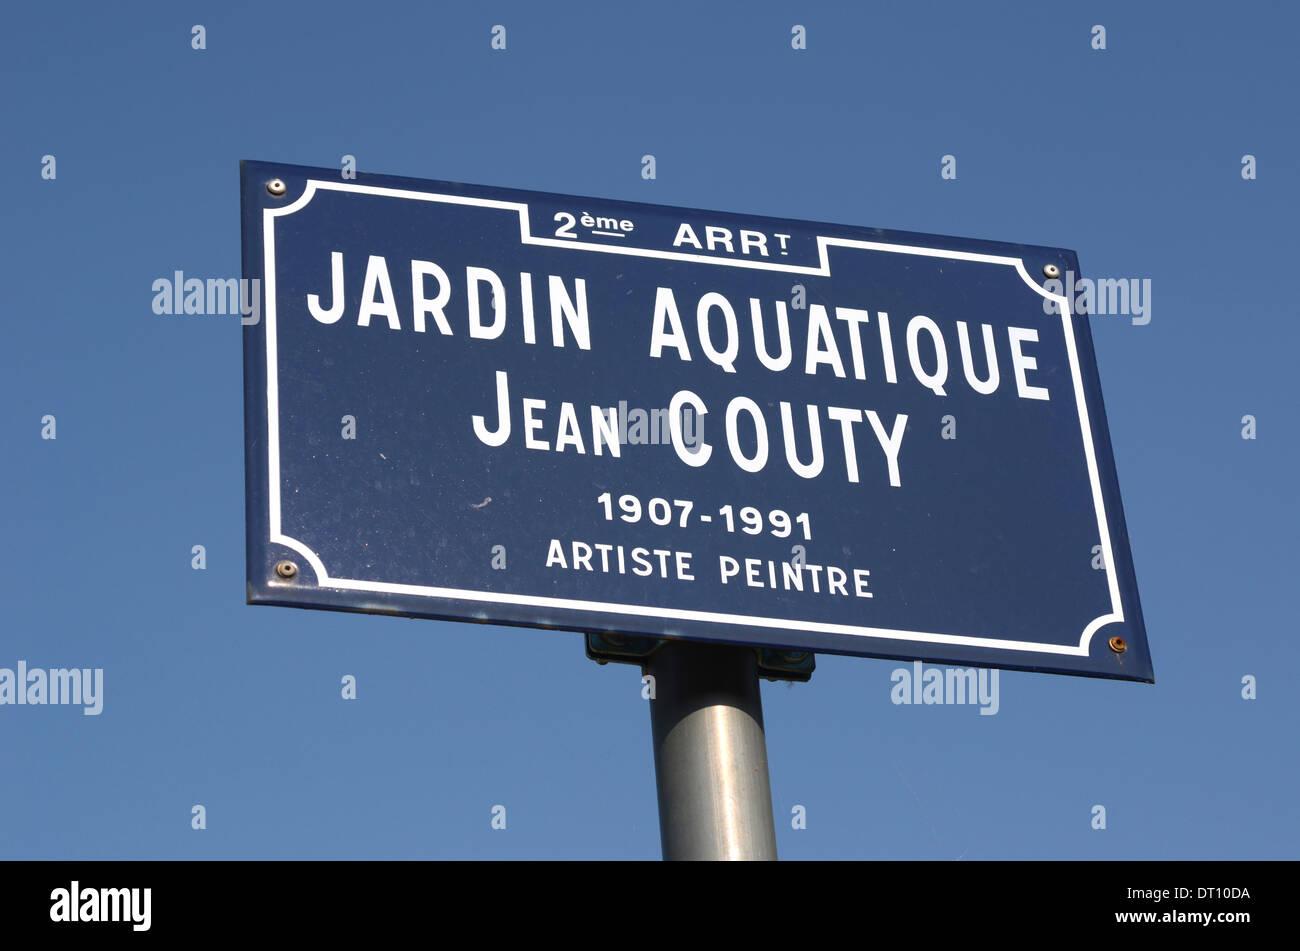 plaque de rue bleu pour jardin aquatique jean couty,avec le nom de